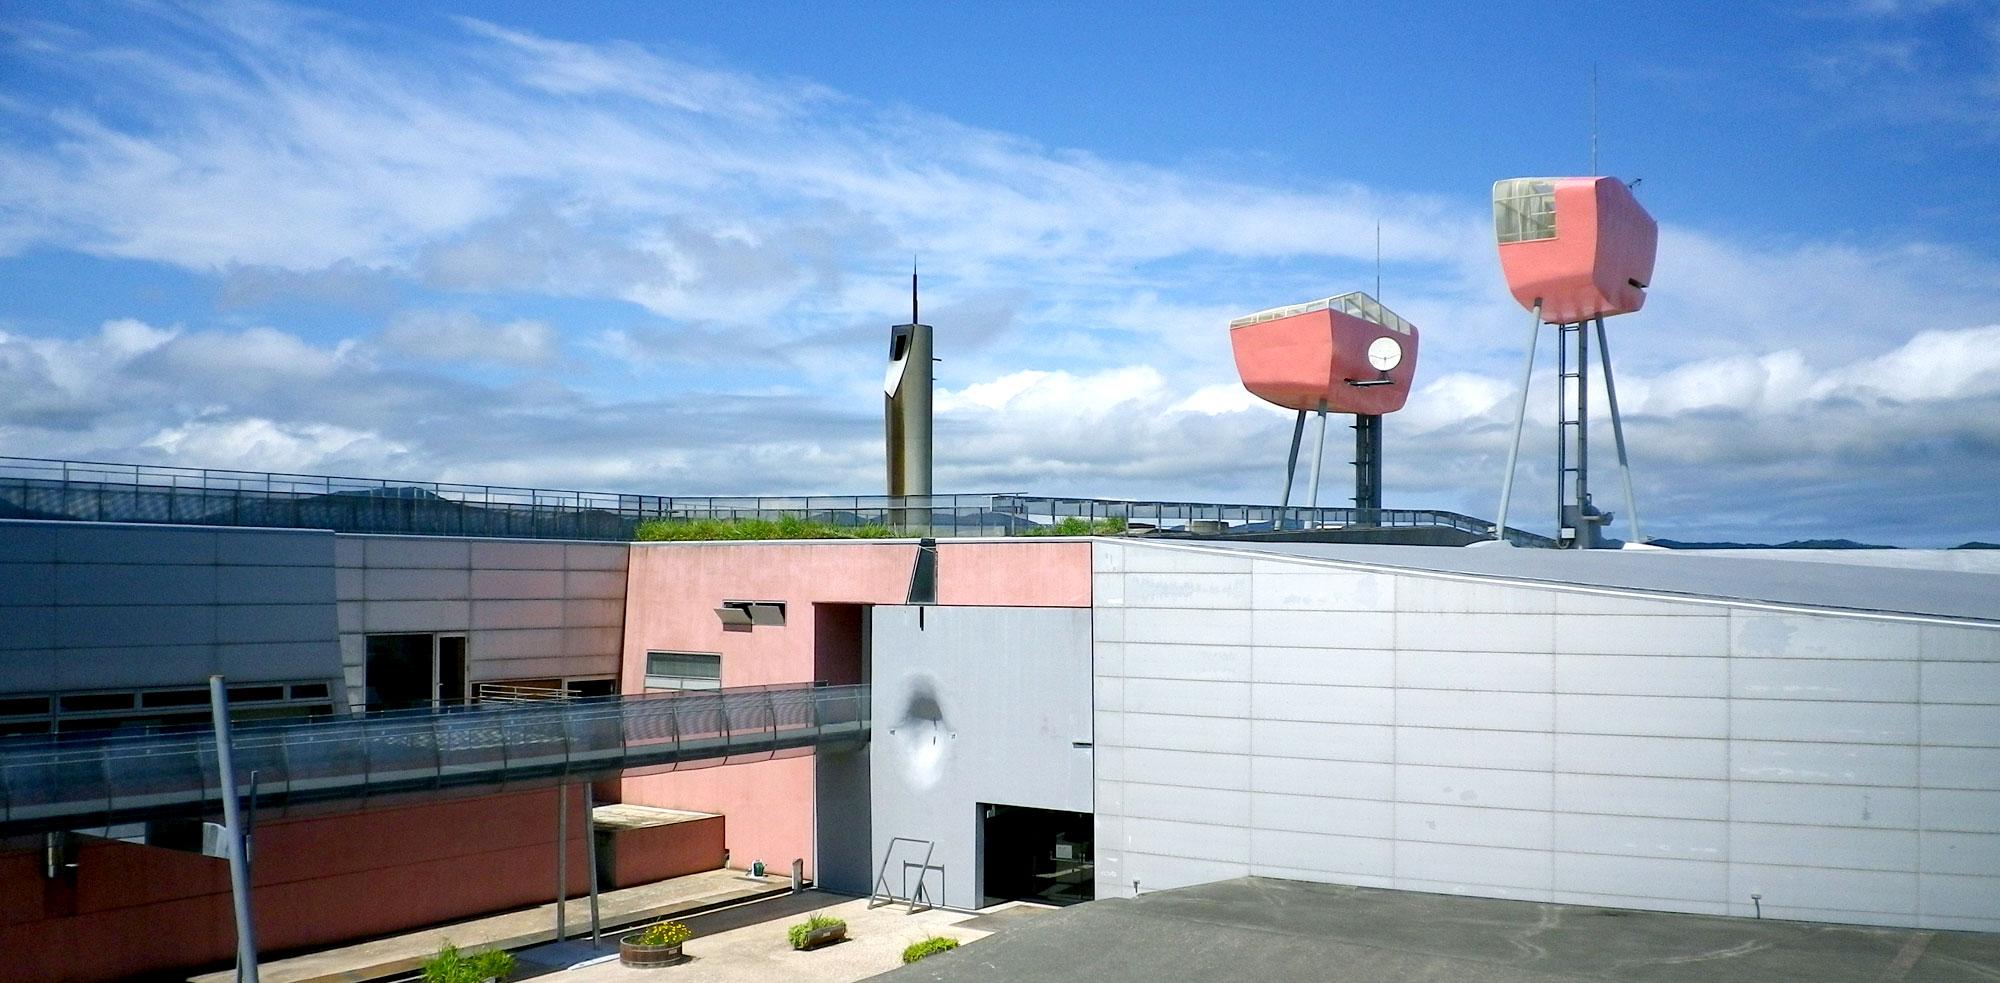 RIAS ARK MUSEUM OF ART (Miyagi)